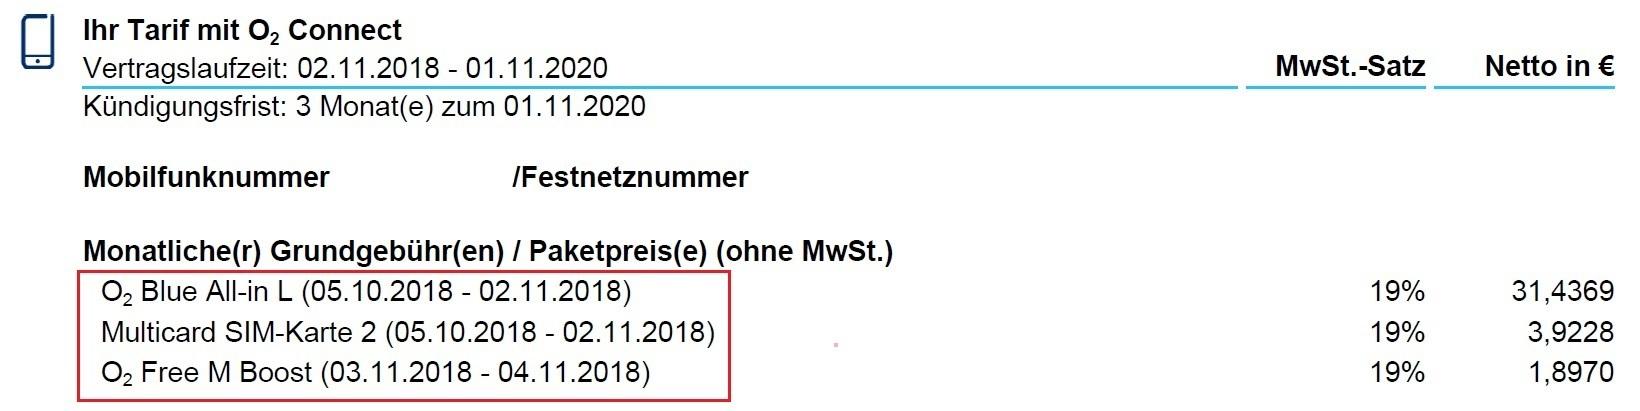 Tarifwechsel Packs Und Optionen In Deiner O2 Rechnung O₂ Community